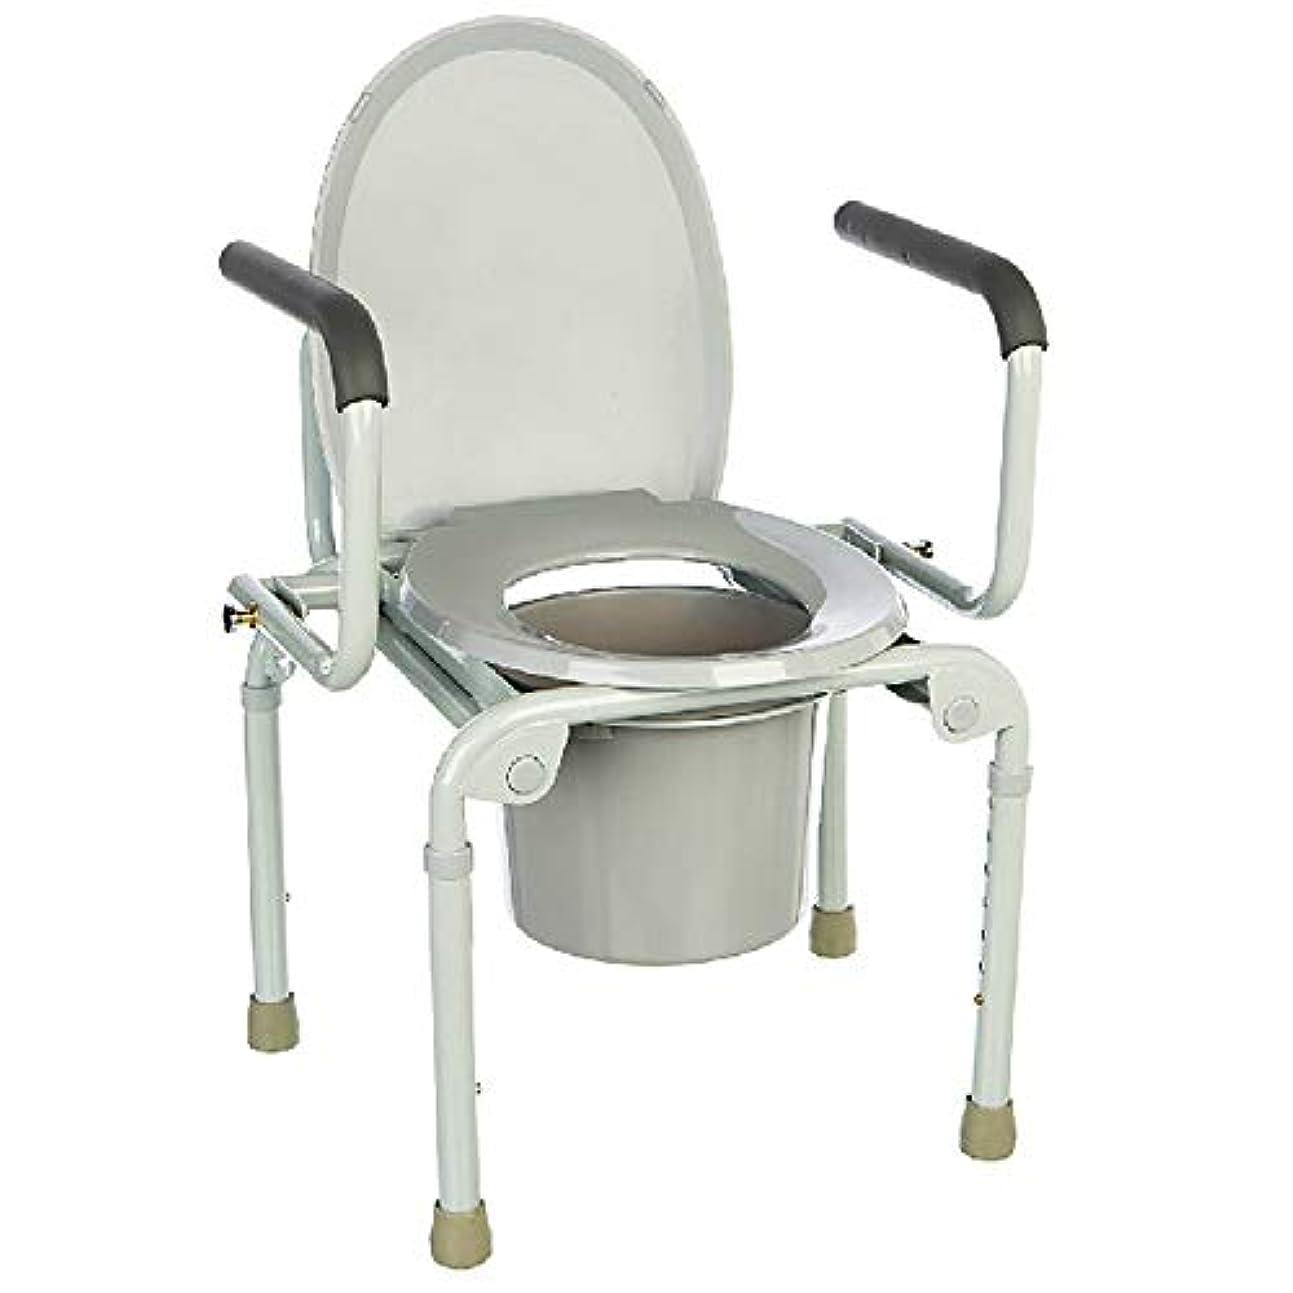 ちょっと待って想像力豊かなおじさん- リムーバブルコメード軽量アルミ製バスルームトイレシートベルト付きホイール/障害物トップローディングで簡単に高齢者モビリティエイド便器椅子 チェスト